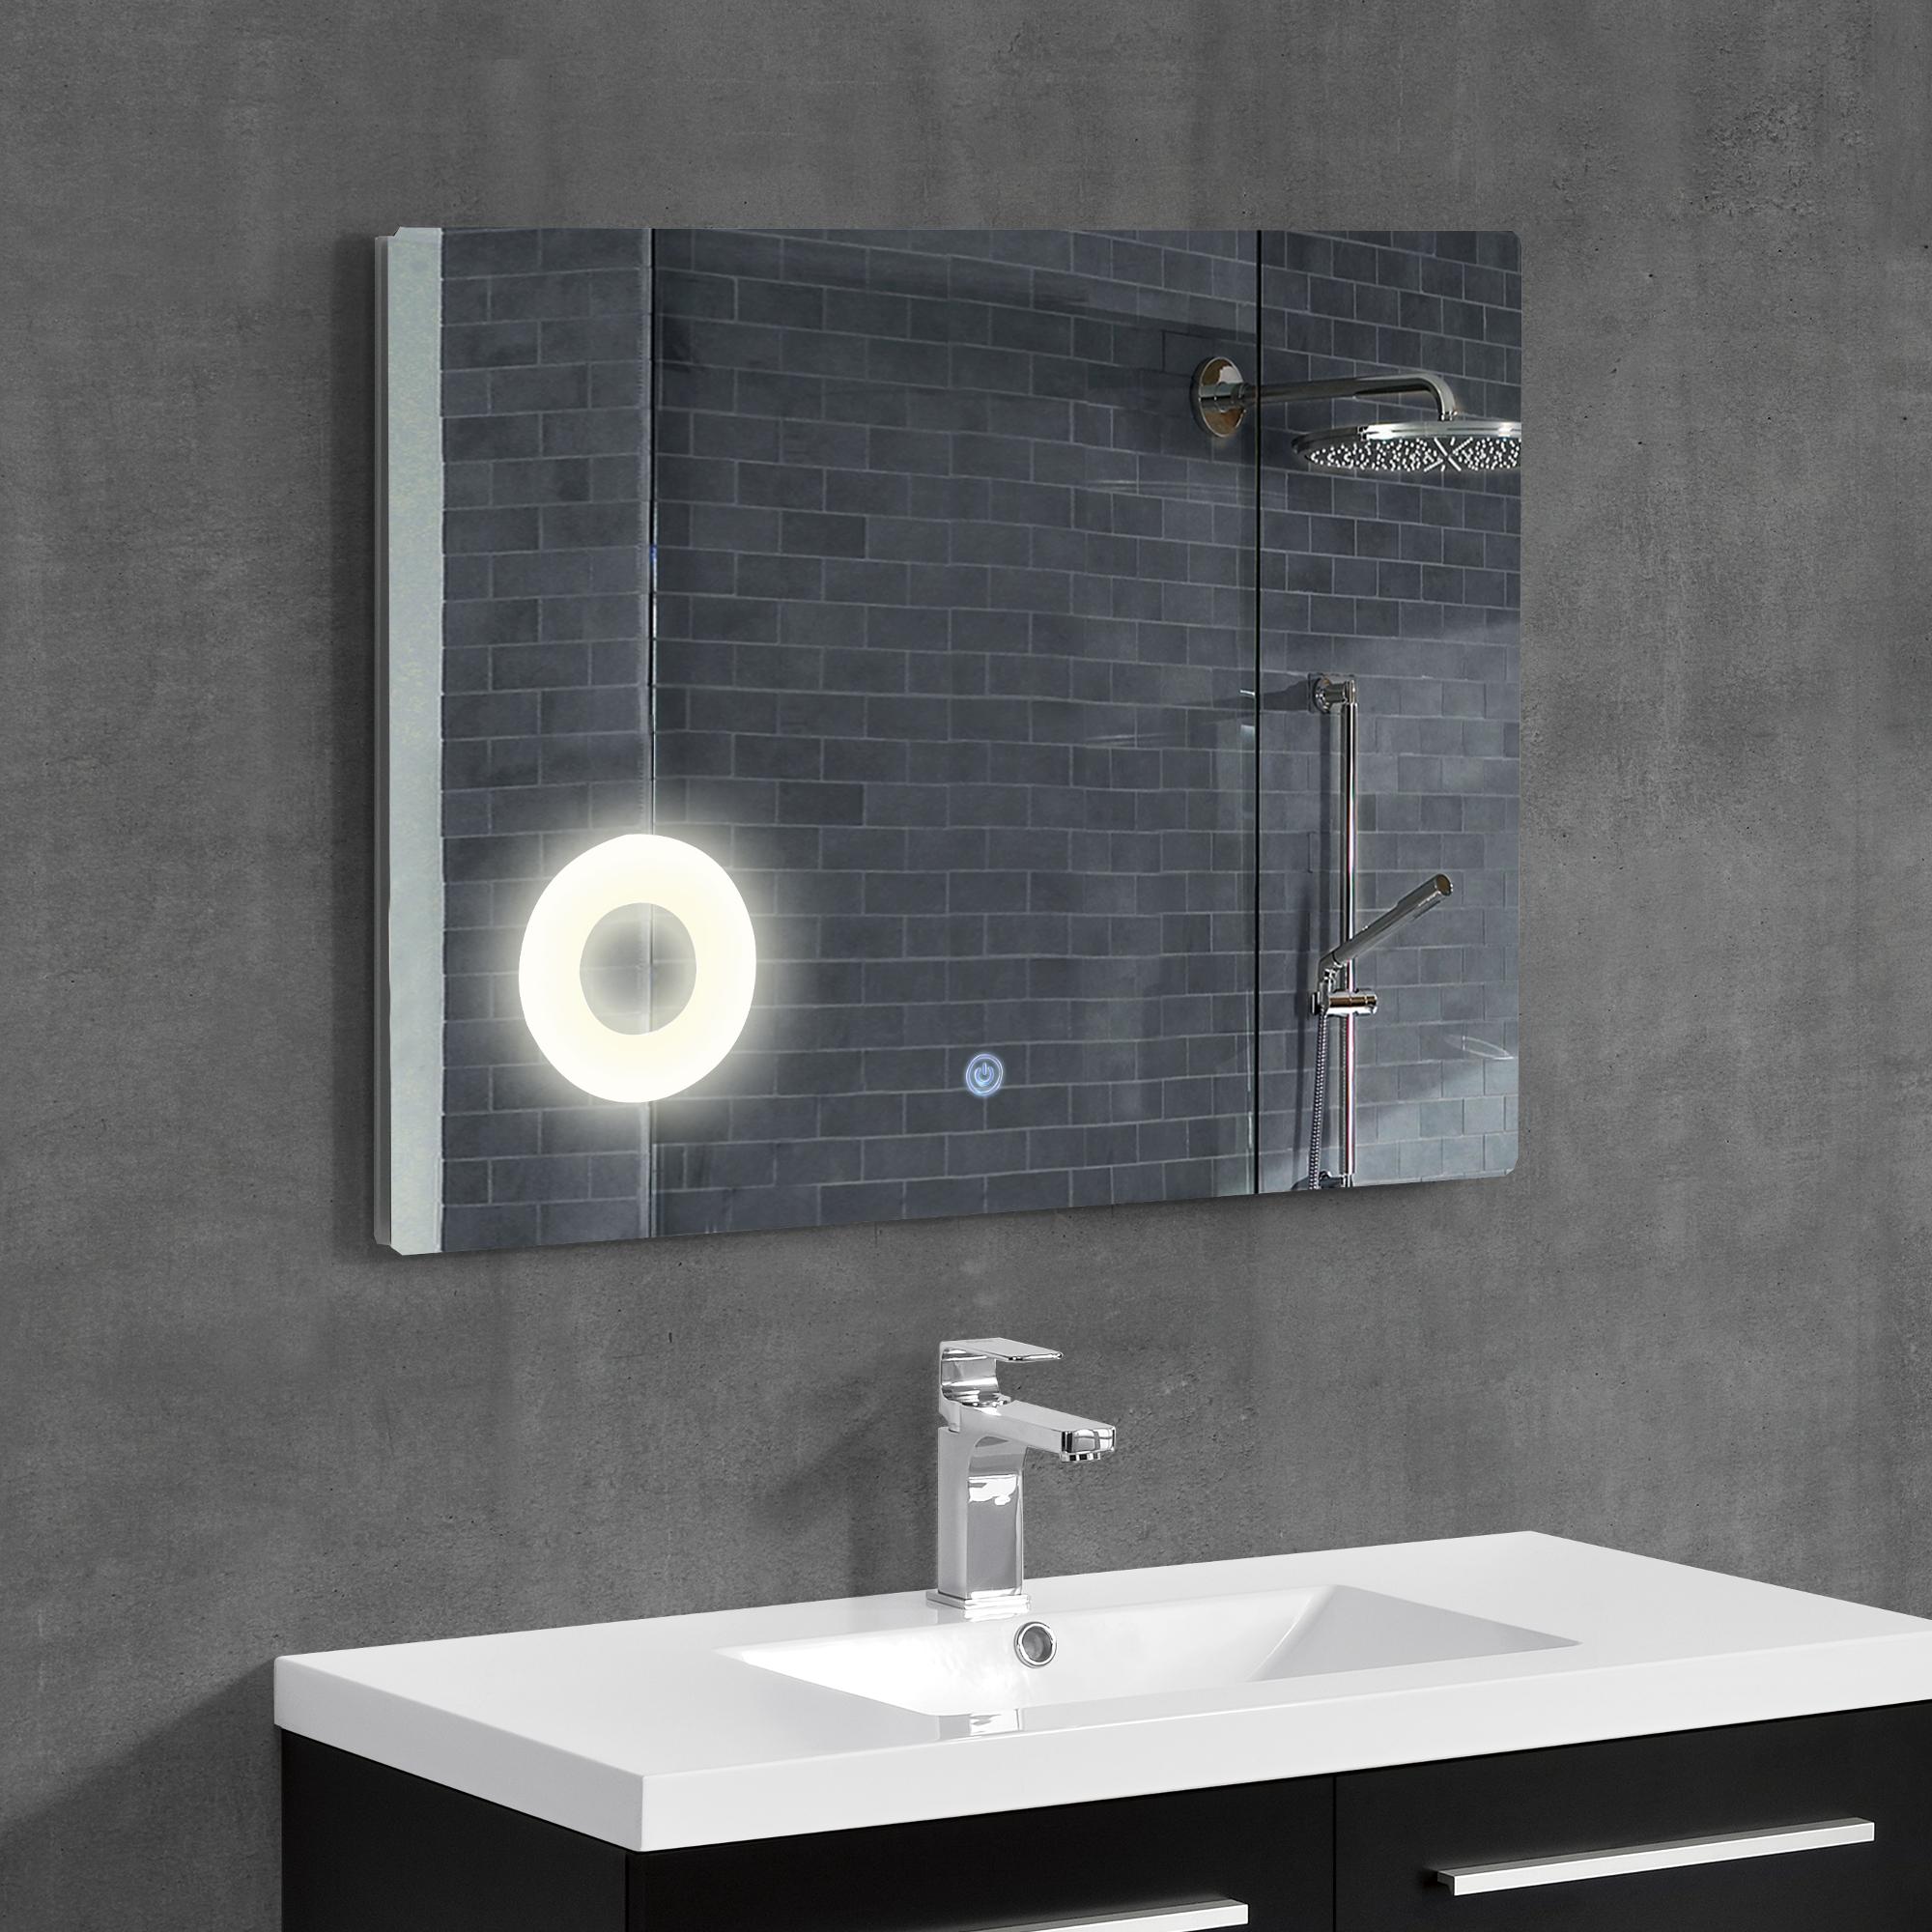 Neuhaus Led Miroir De La Salle Bain Mural Cosm Tique 60